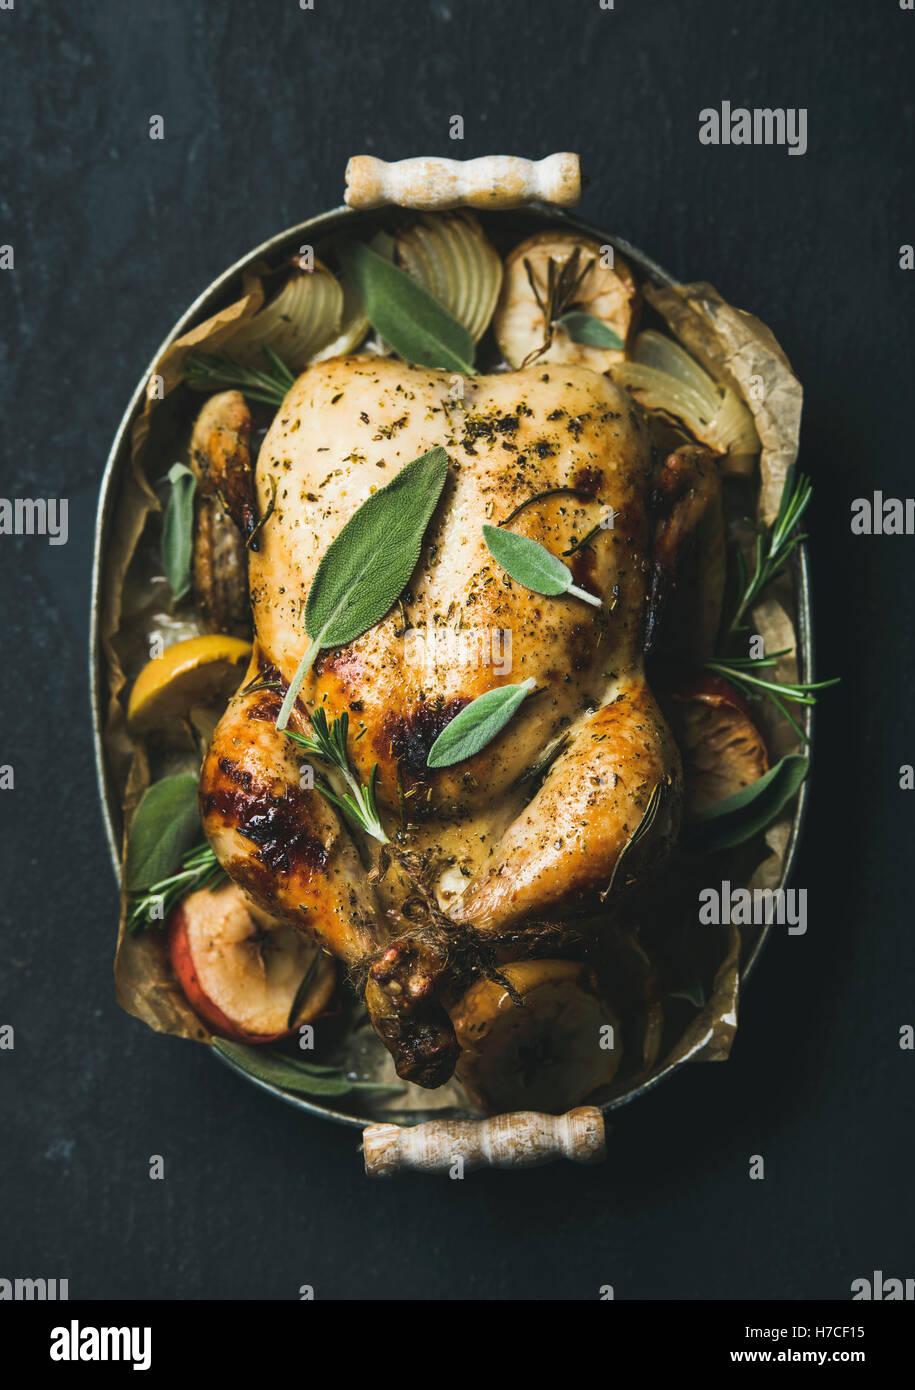 Ofen gebratenes ganzes Huhn mit Zwiebeln, Äpfel und Salbei in Metall Tablett über dunklem Stein, Ansicht Stockbild